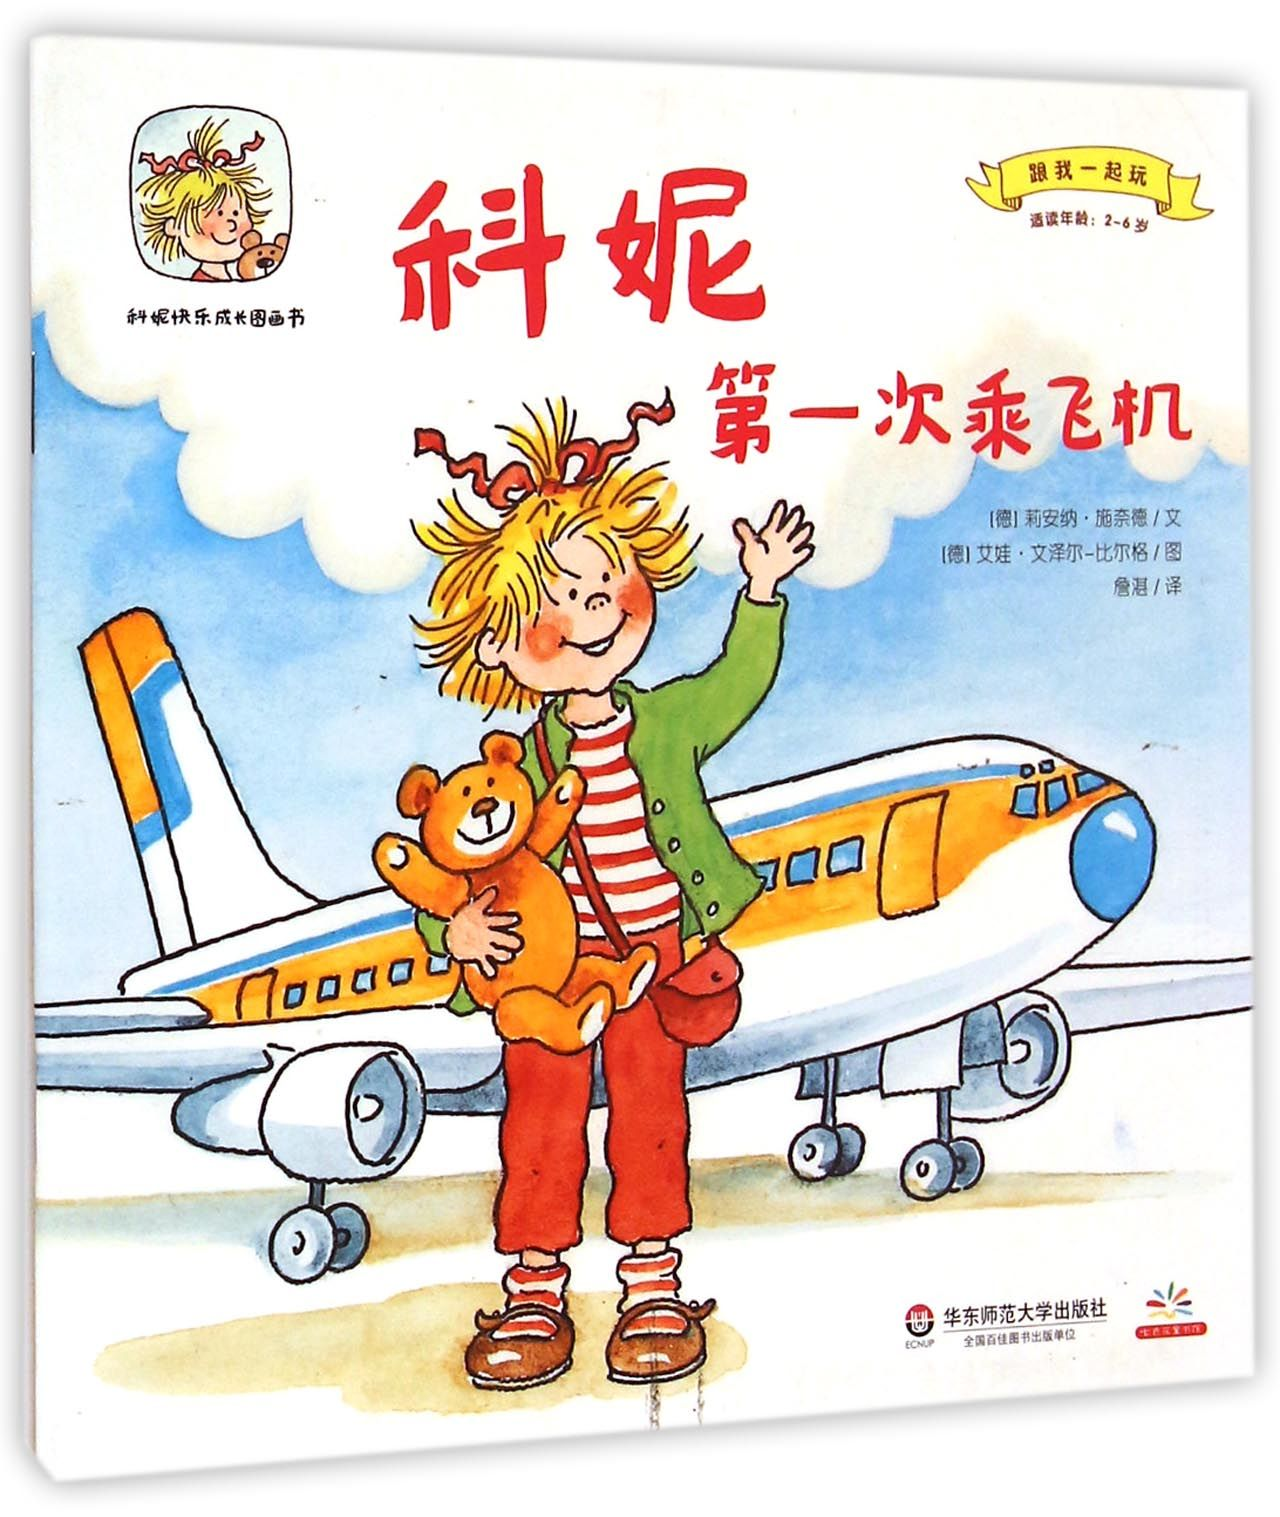 科妮第一次乘飞机(适读年龄2-6岁)/跟我一起玩/科妮快乐成长图画书